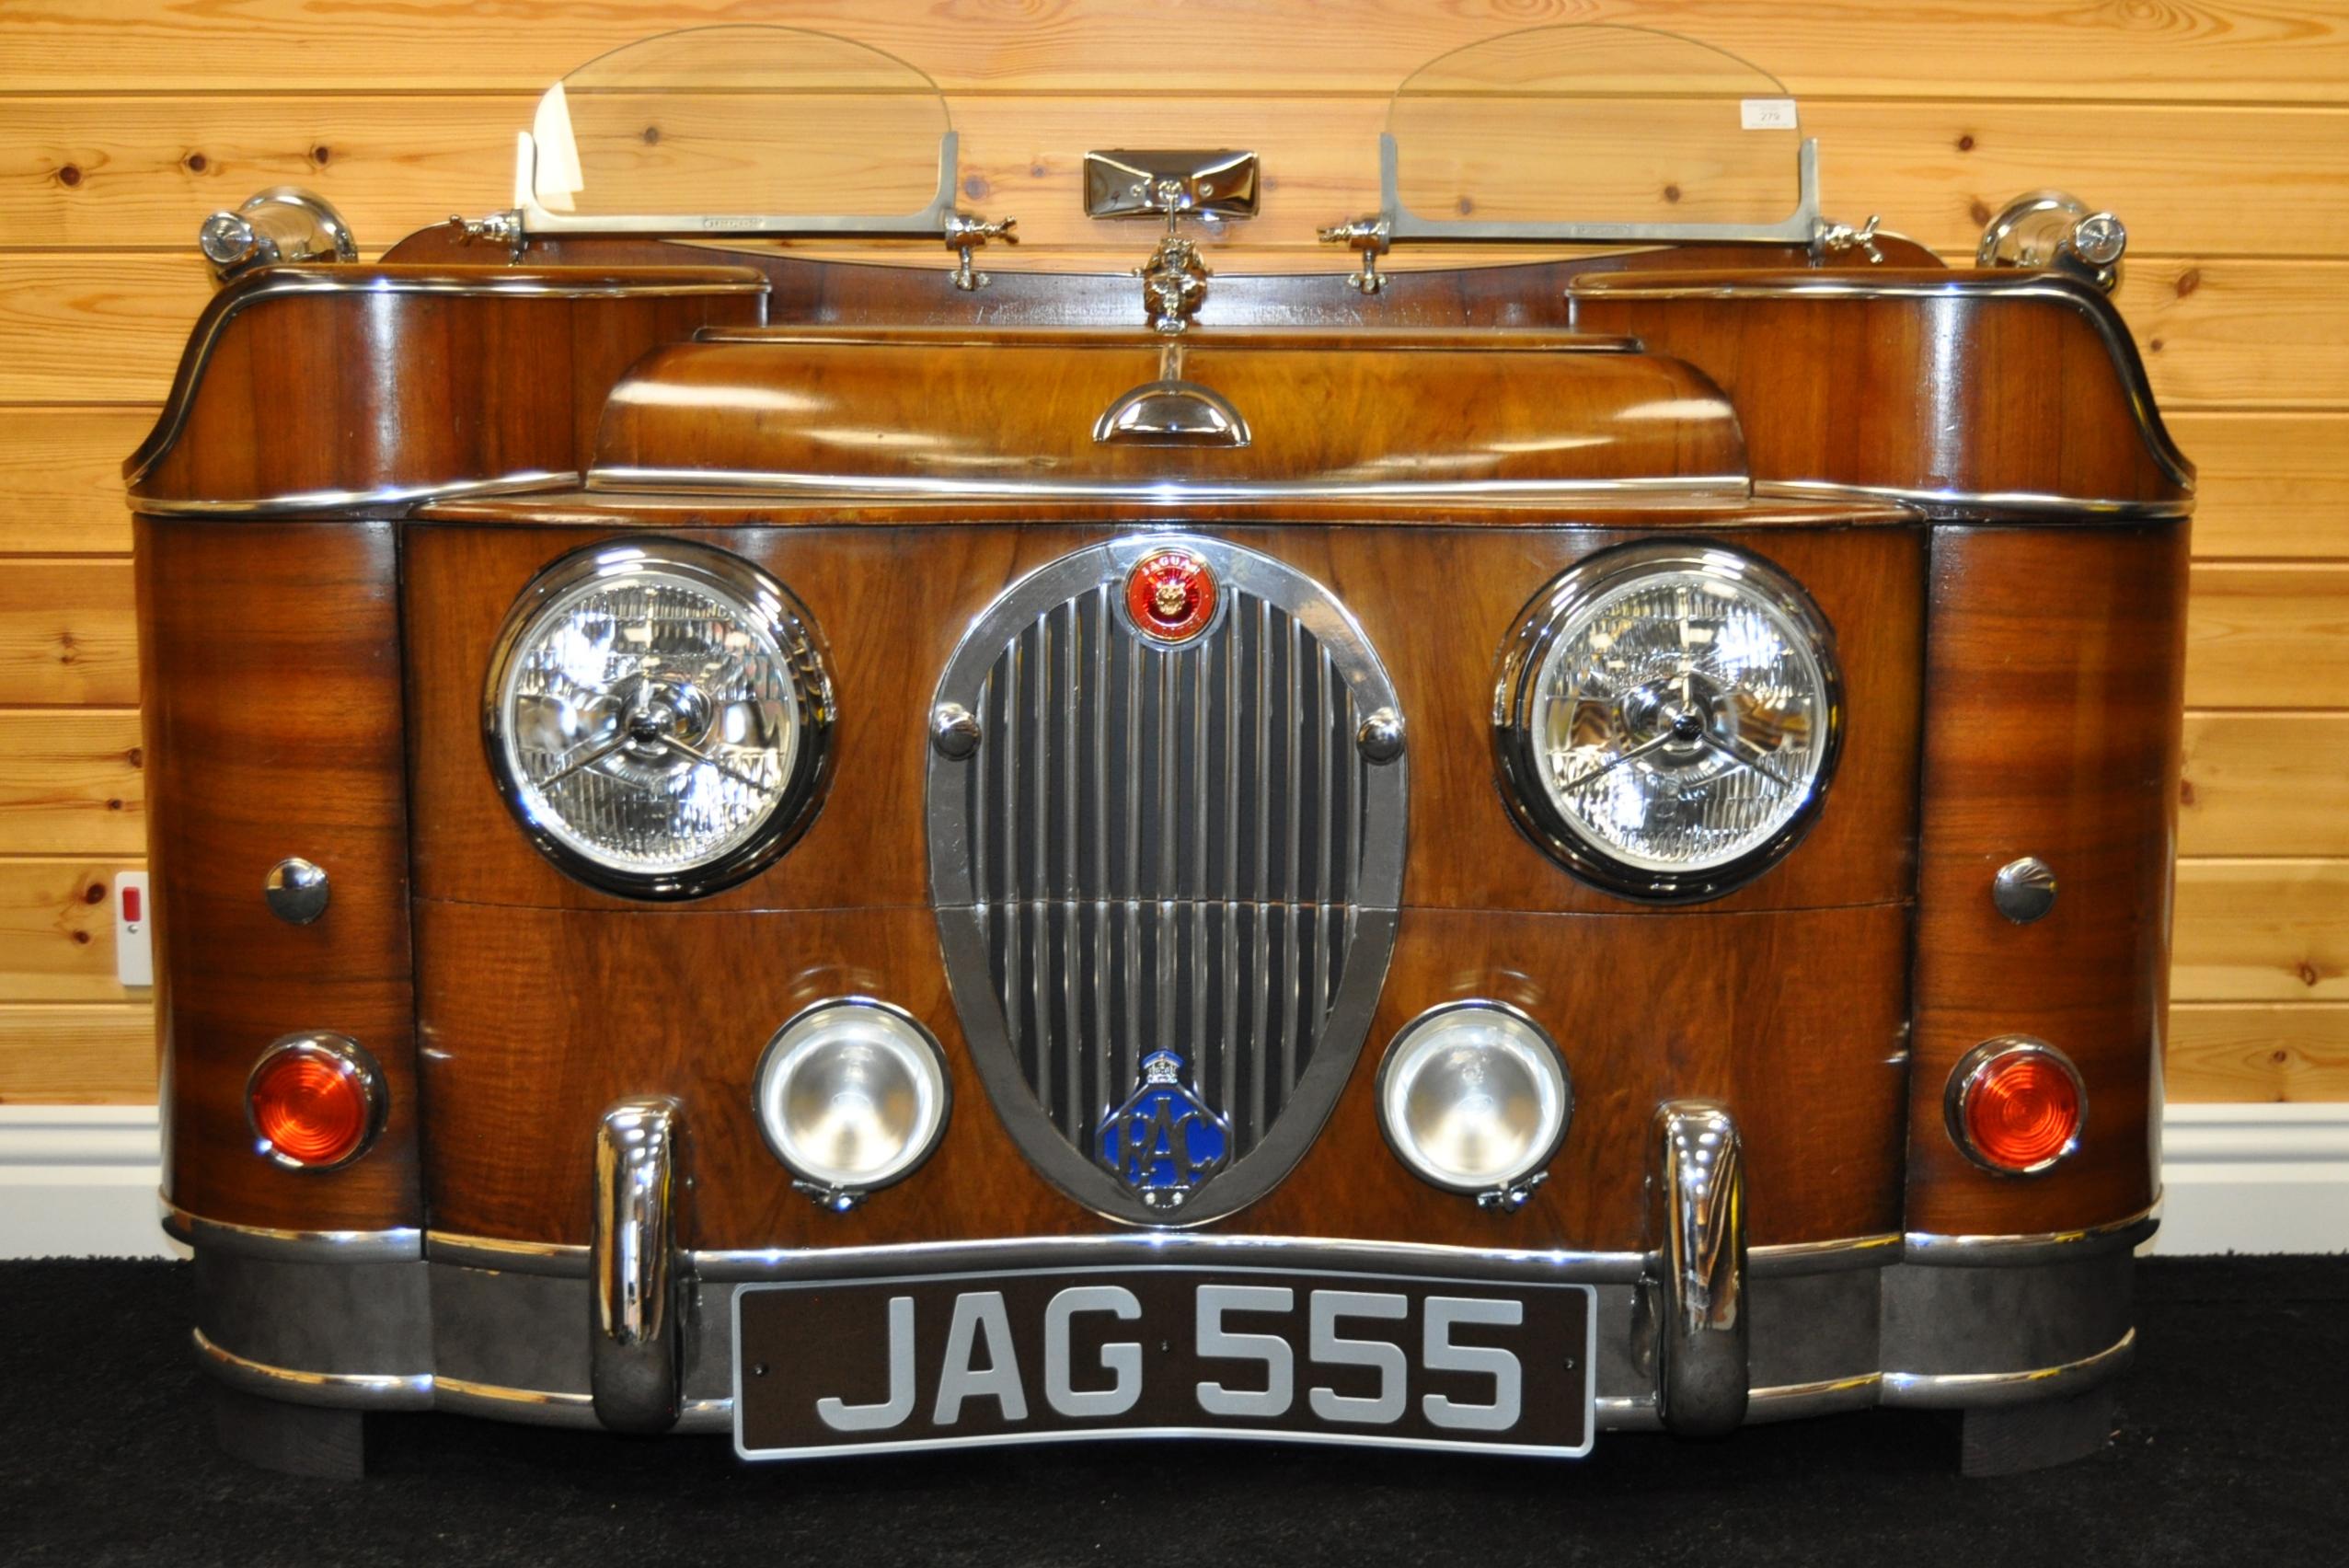 JAGUAR - INCREDIBLE 1940S SIDEBOARD STYLE OF JAGUAR MK 2